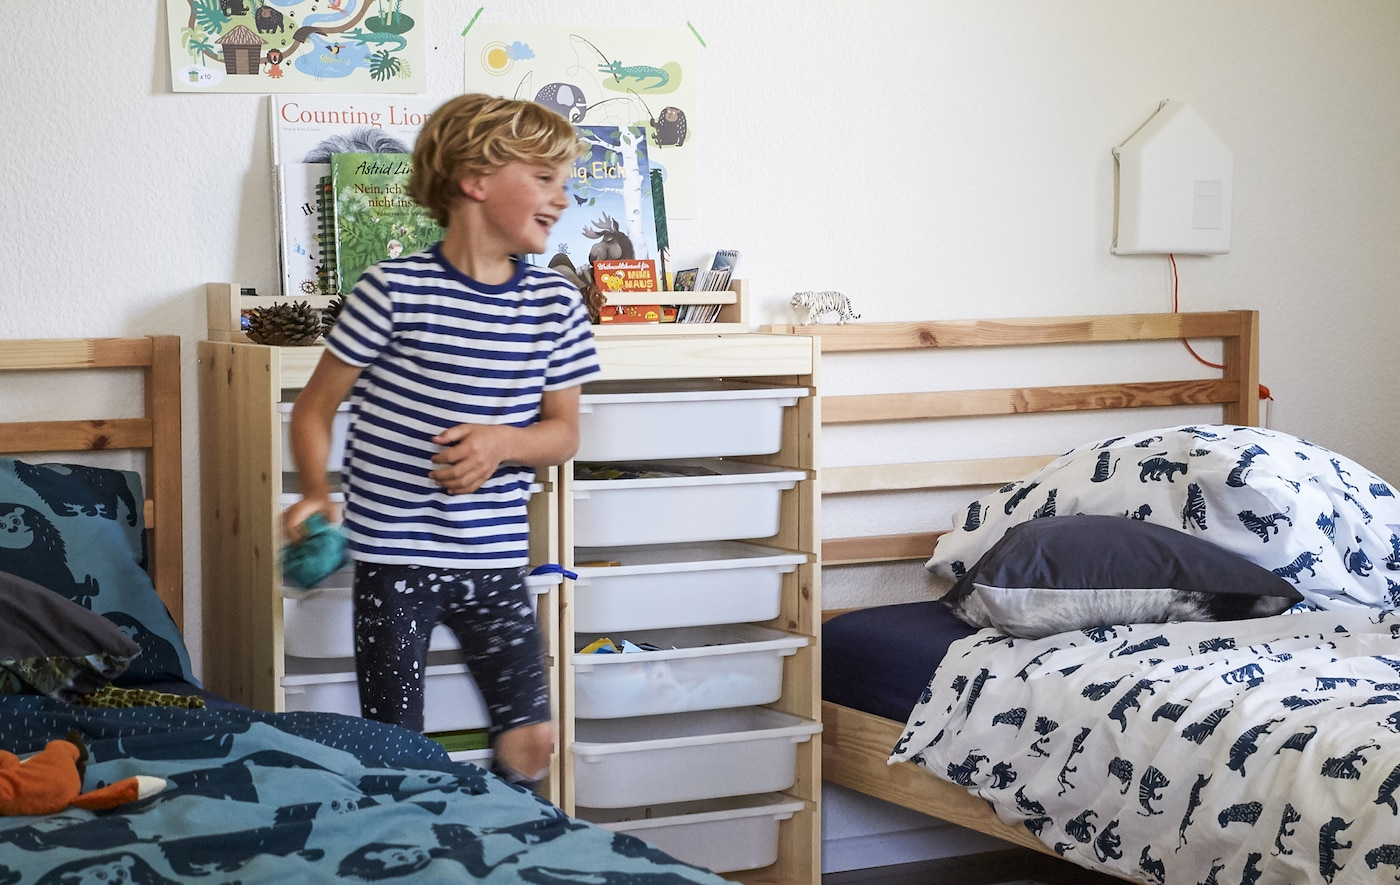 Zwei Jungs spielen in einem Kinderzimmer. Im Zimmer stehen zwei Betten nebeneinander und dazwischen befindet sich eine Aufbewahrung aus Holz mit Kunststoffkästen.